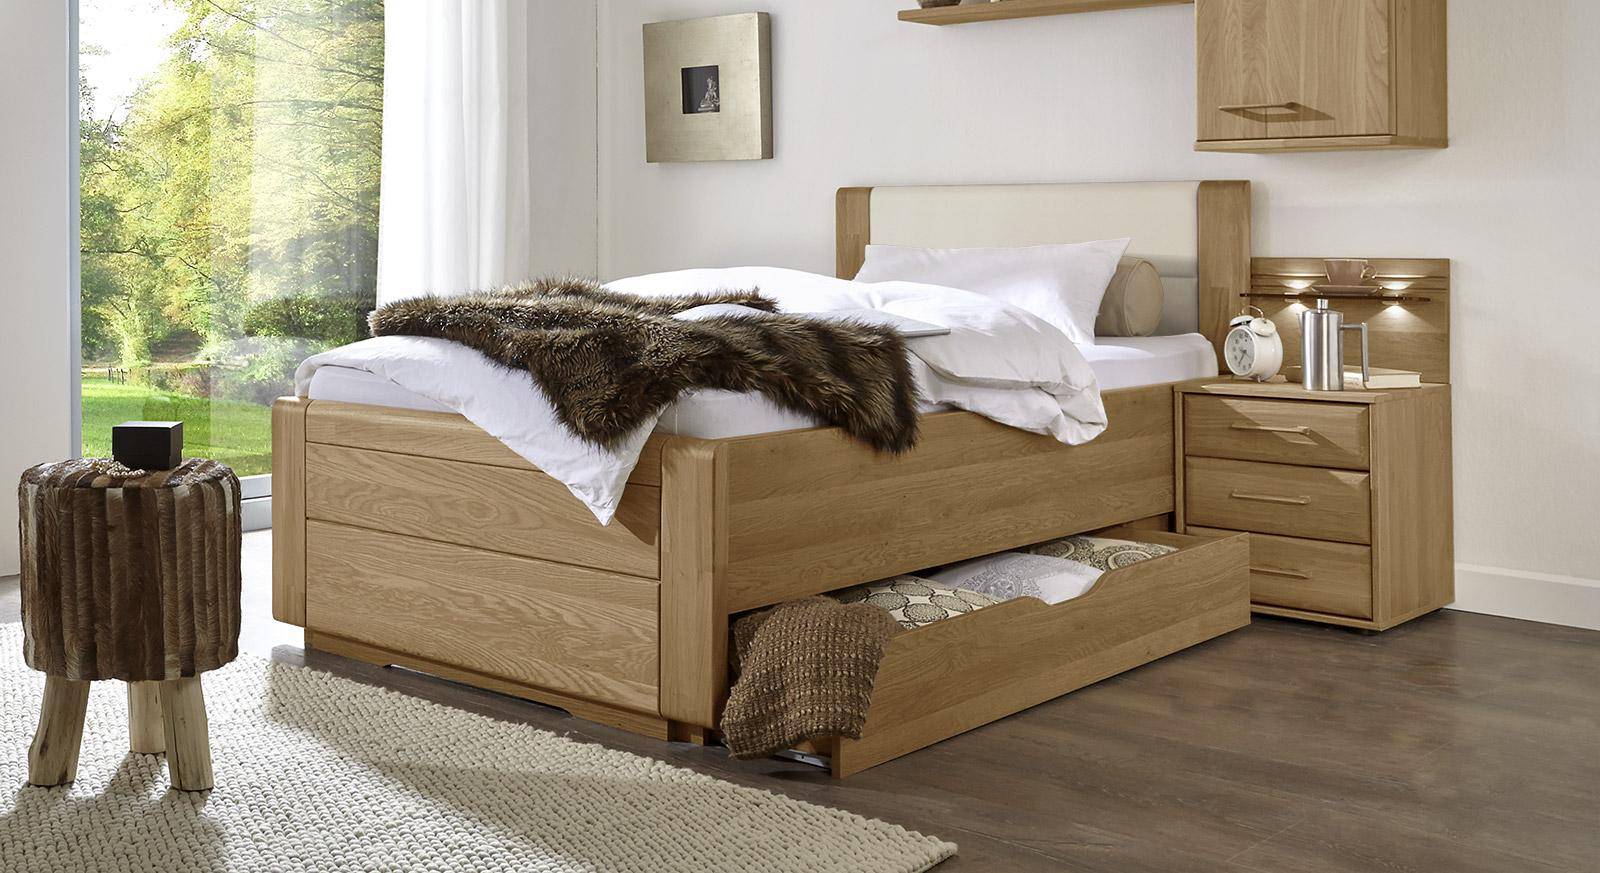 Schubkasten-Einzelbett Raida inklusive Kopfteil mit Kunstledereinsatz